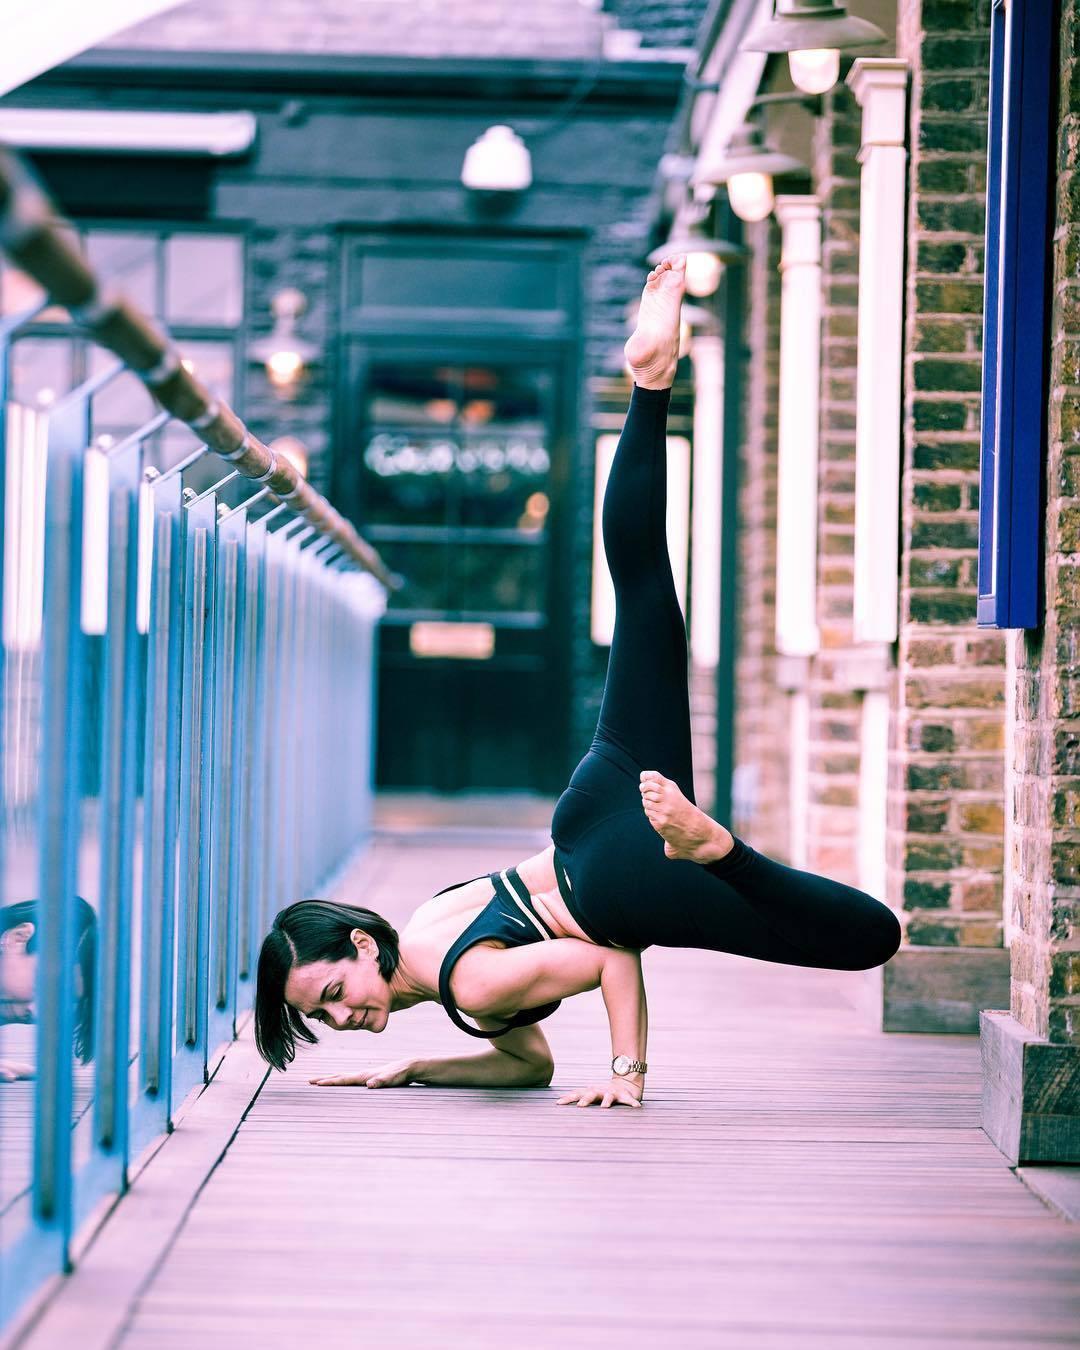 健身就应该遵守实用主义越简单越容易坚持瘦身才有可能